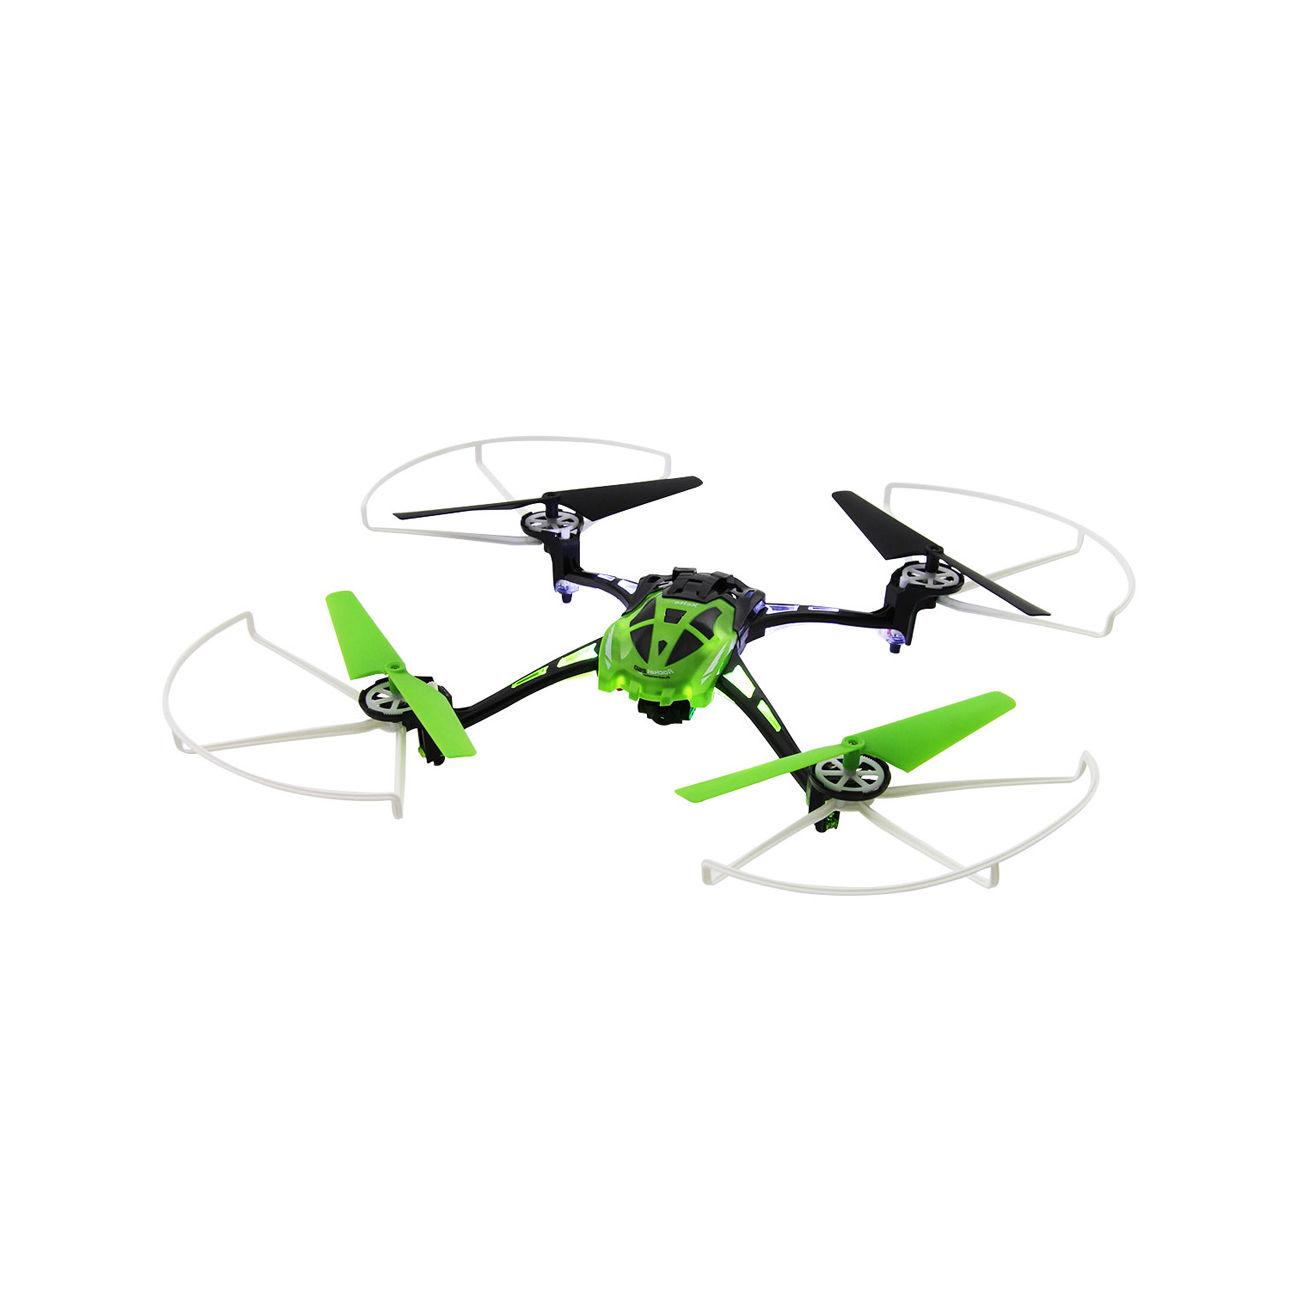 xciterc rocket 250 3d quadrocopter 4 kanal 2 4 ghz rtf inkl kamera gr n 15014100 kotte zeller. Black Bedroom Furniture Sets. Home Design Ideas